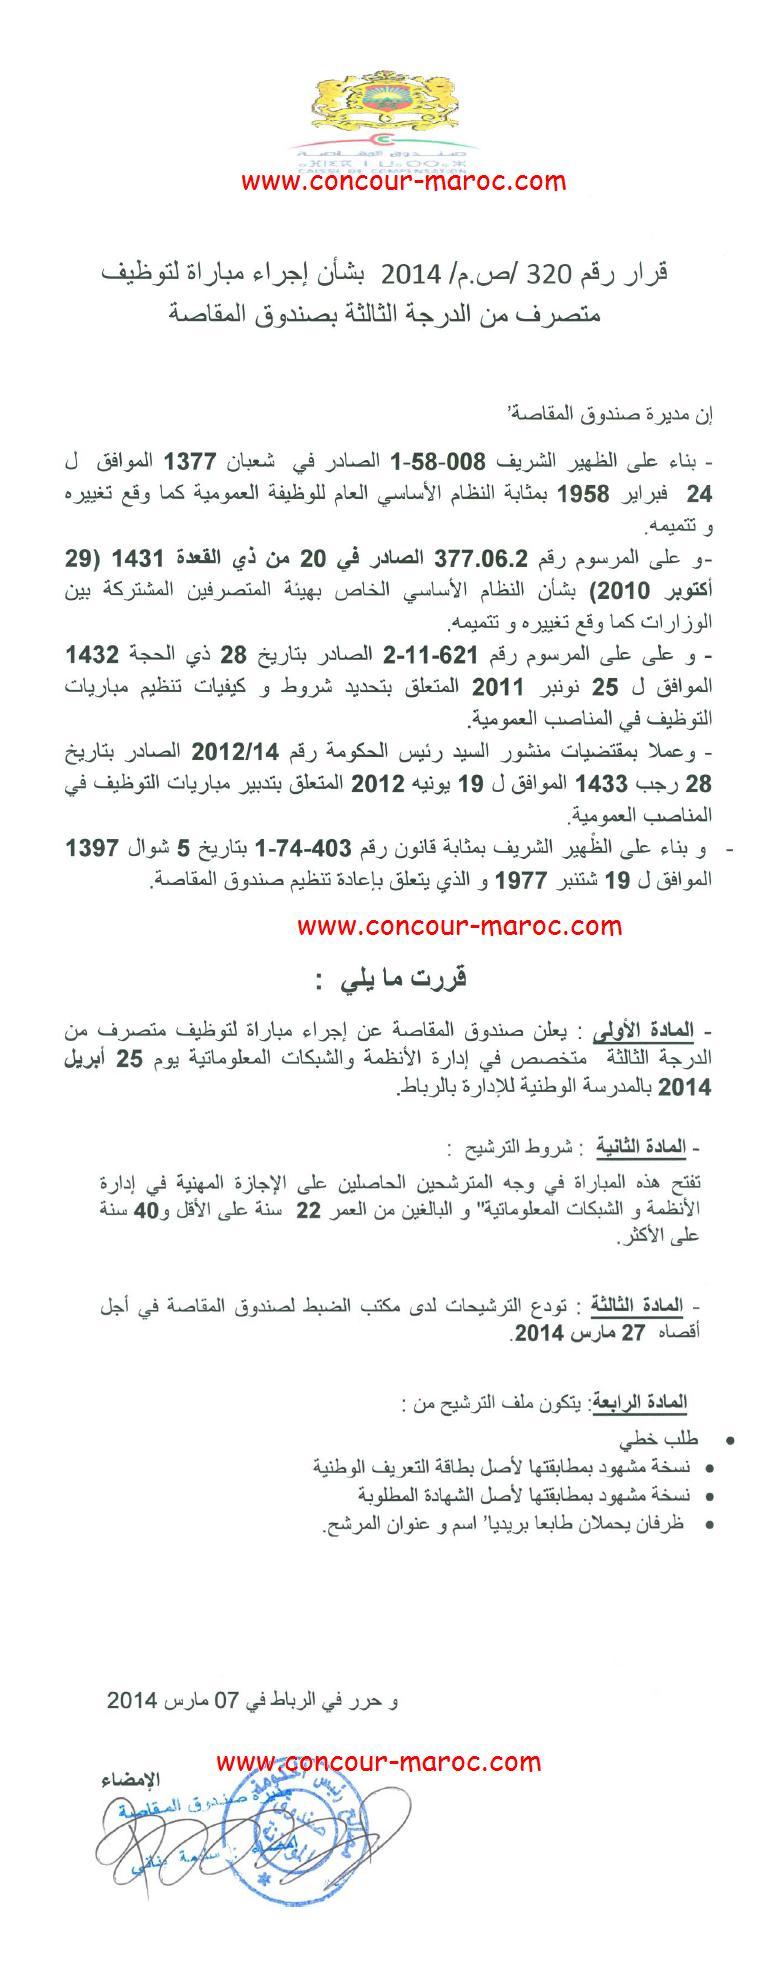 صندوق المقاصة : مباراة لتوظيف متصرف من الدرجة الثالثة ~ سلم 10 (1 منصب) آخر أجل لإيداع الترشيحات 27 مارس 2014 Concou61